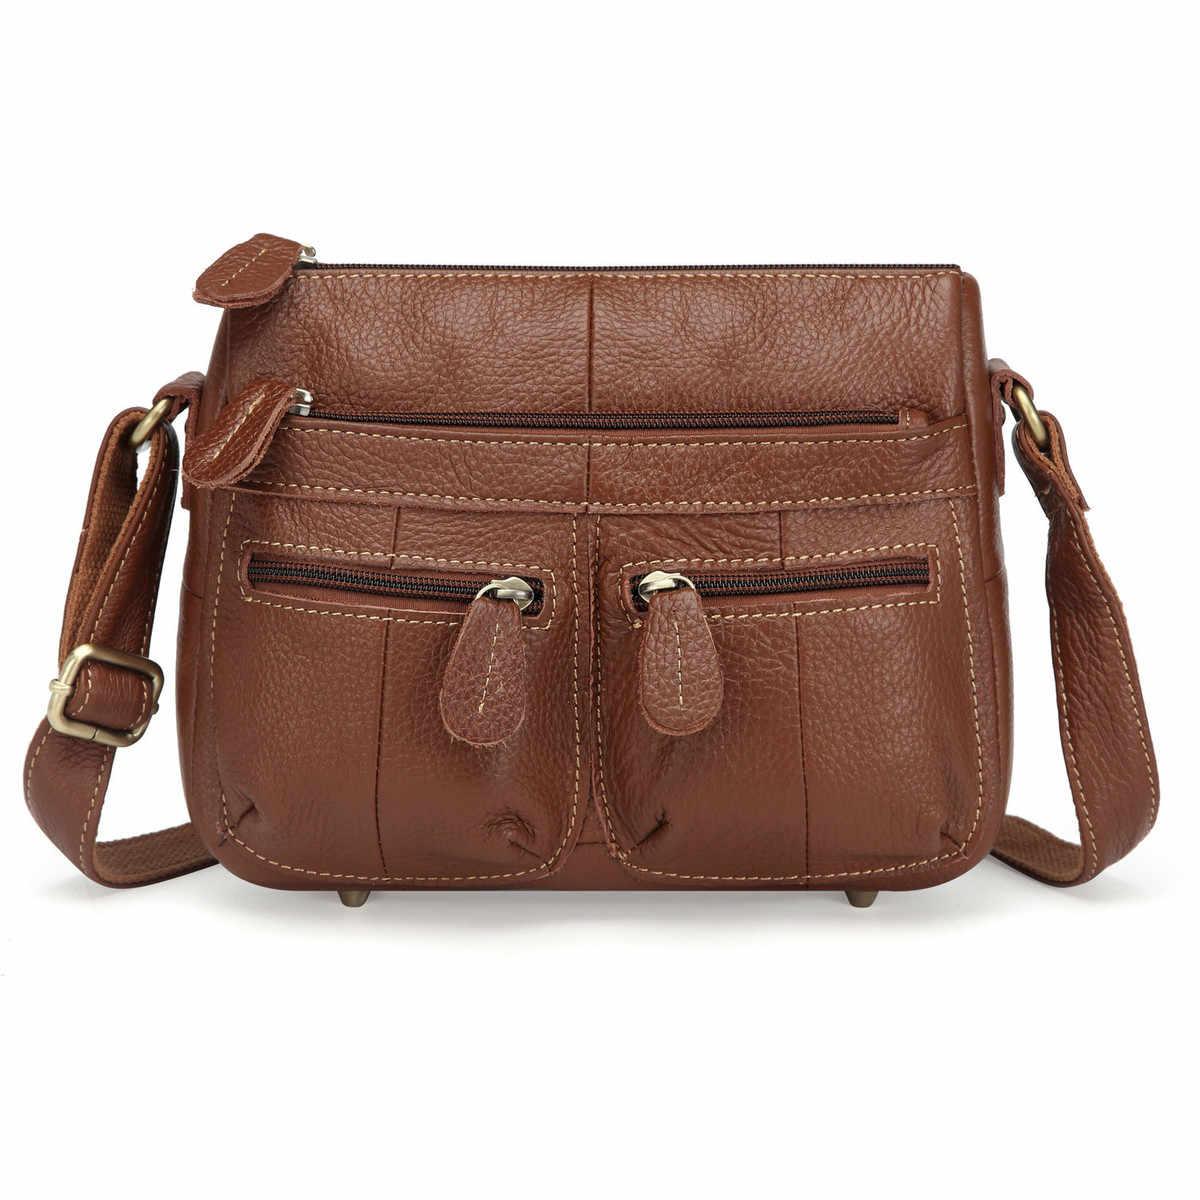 8a3658abcd50 100% Топ яловая натуральная кожа женские сумки-мессенджеры женские  маленькие сумки на плечо винтажные